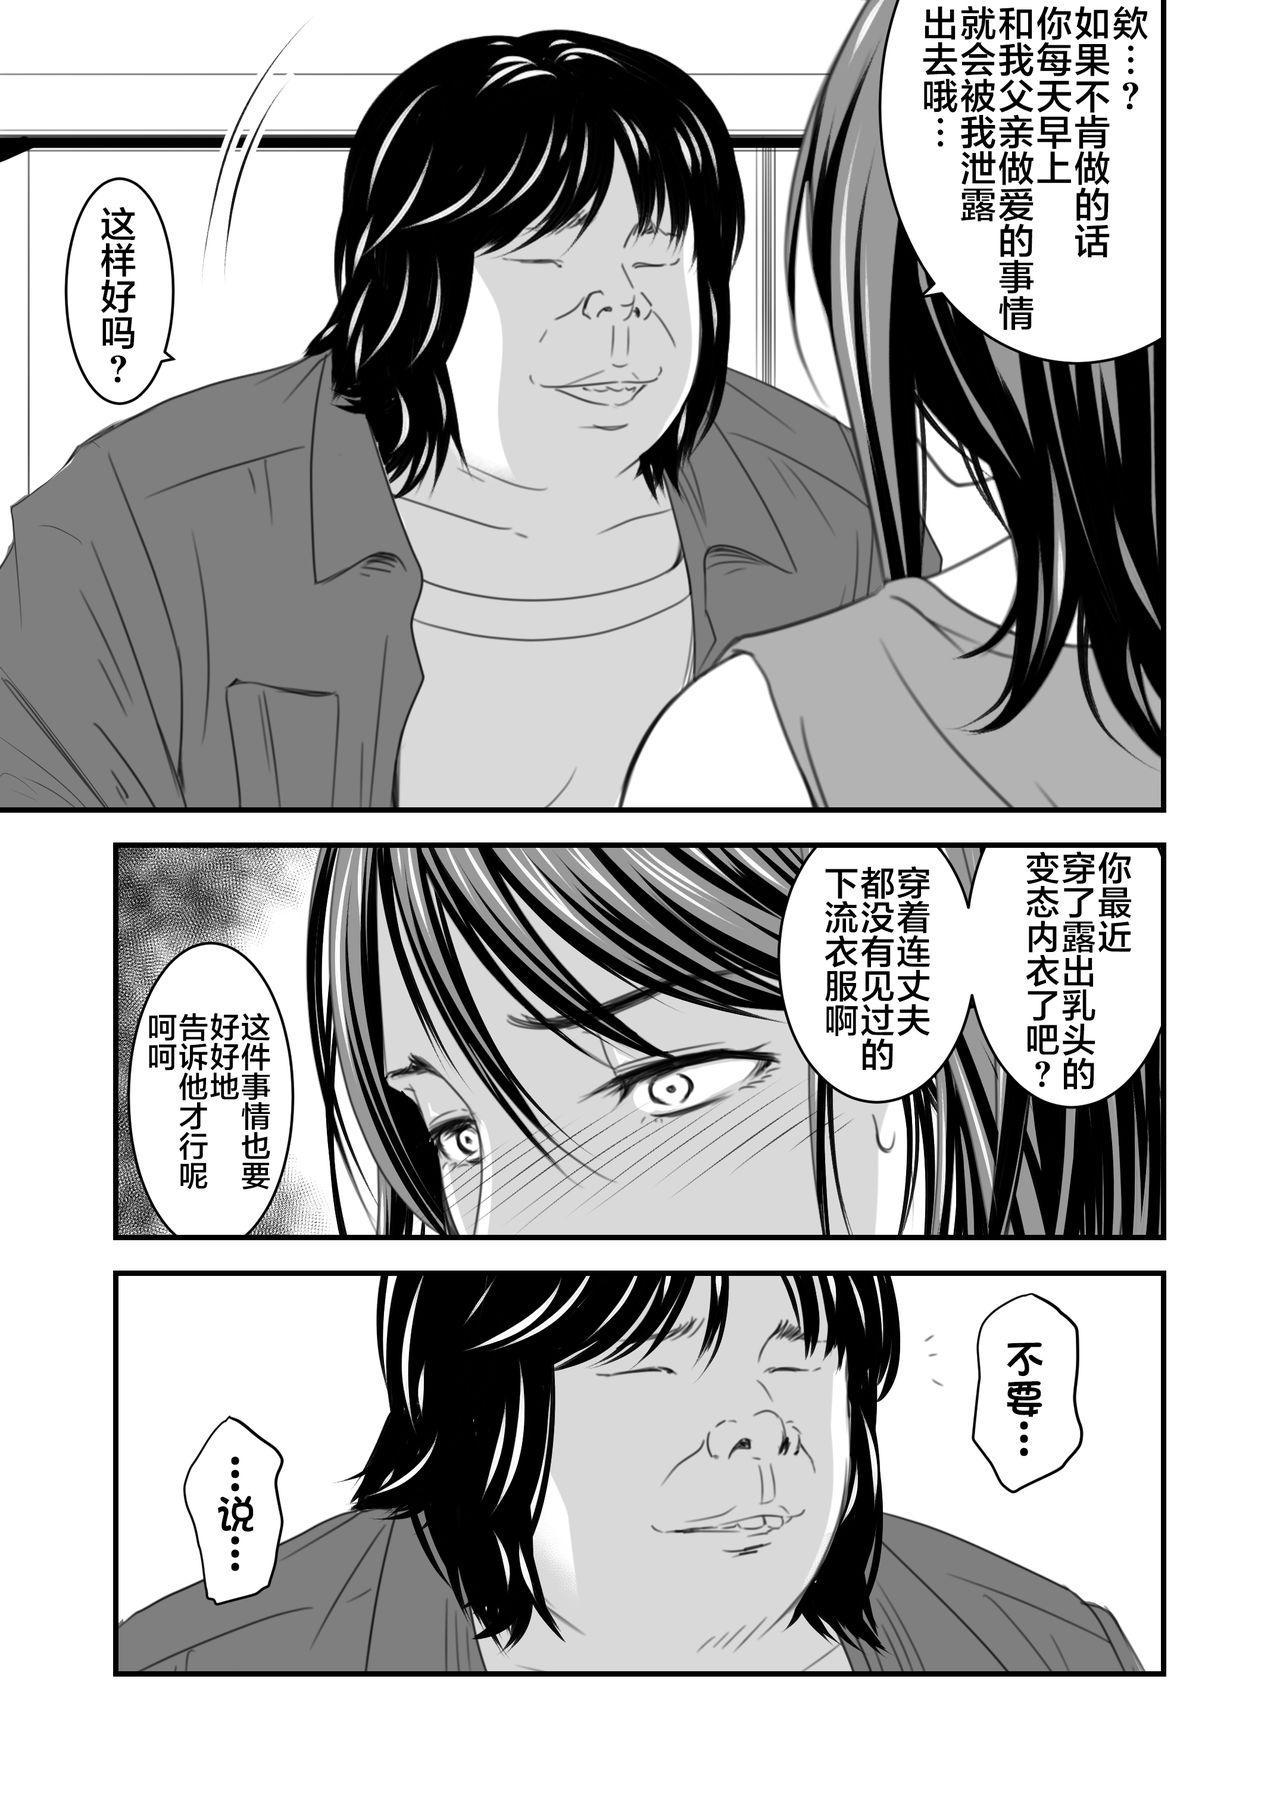 Tsugunai Tsuma 4 19